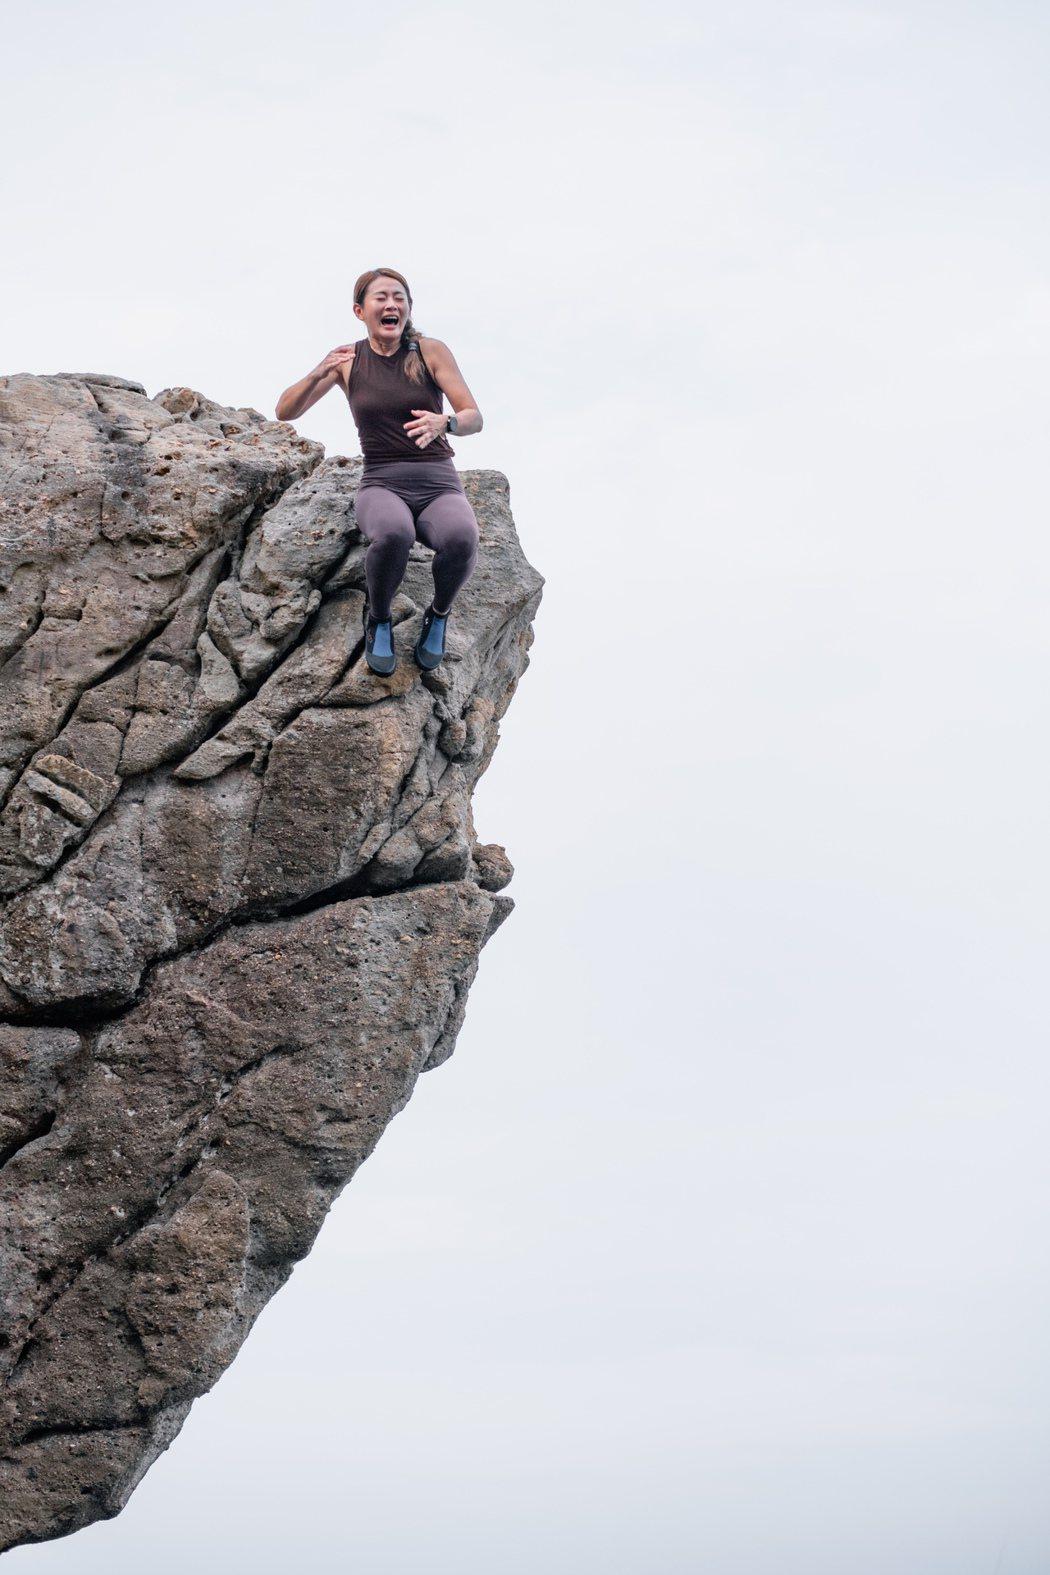 魏華萱挑戰「三米跳水」因懼高症腿軟暴哭。圖/混種時代提供